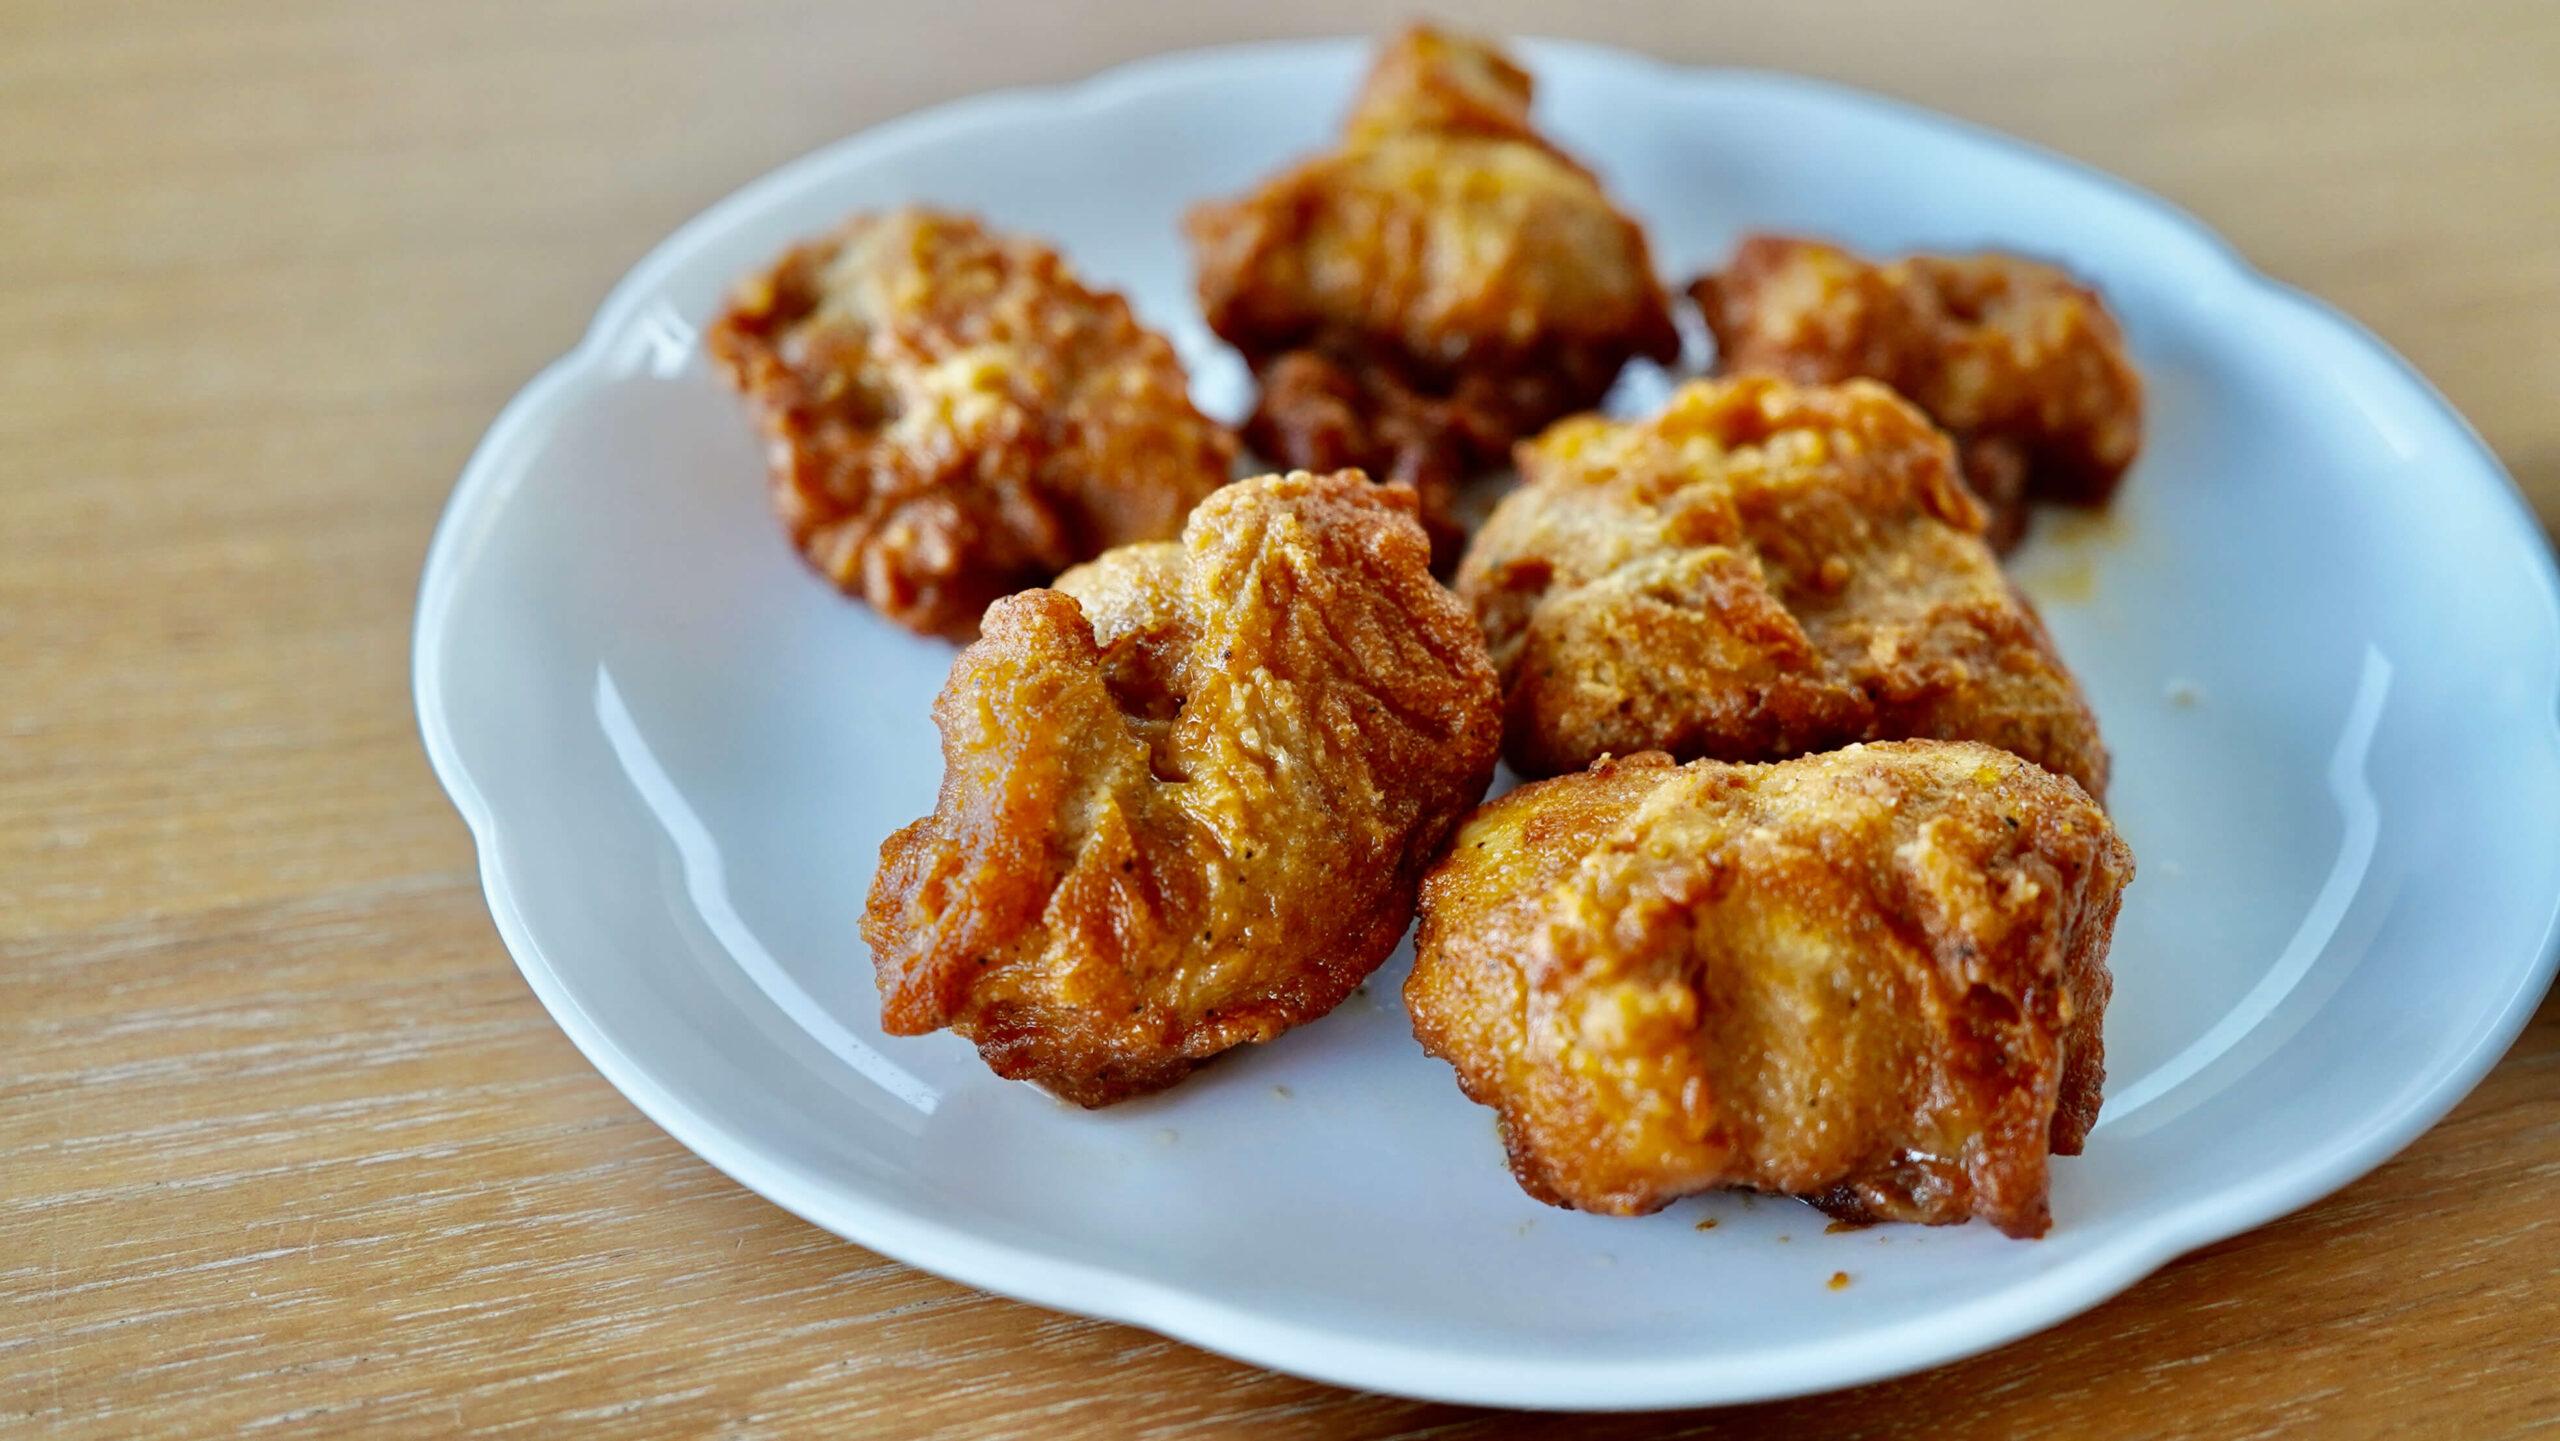 イオン・トップバリュの冷凍食品「ごろっとうまい若鶏ももから揚げ」を皿に盛りつけた写真